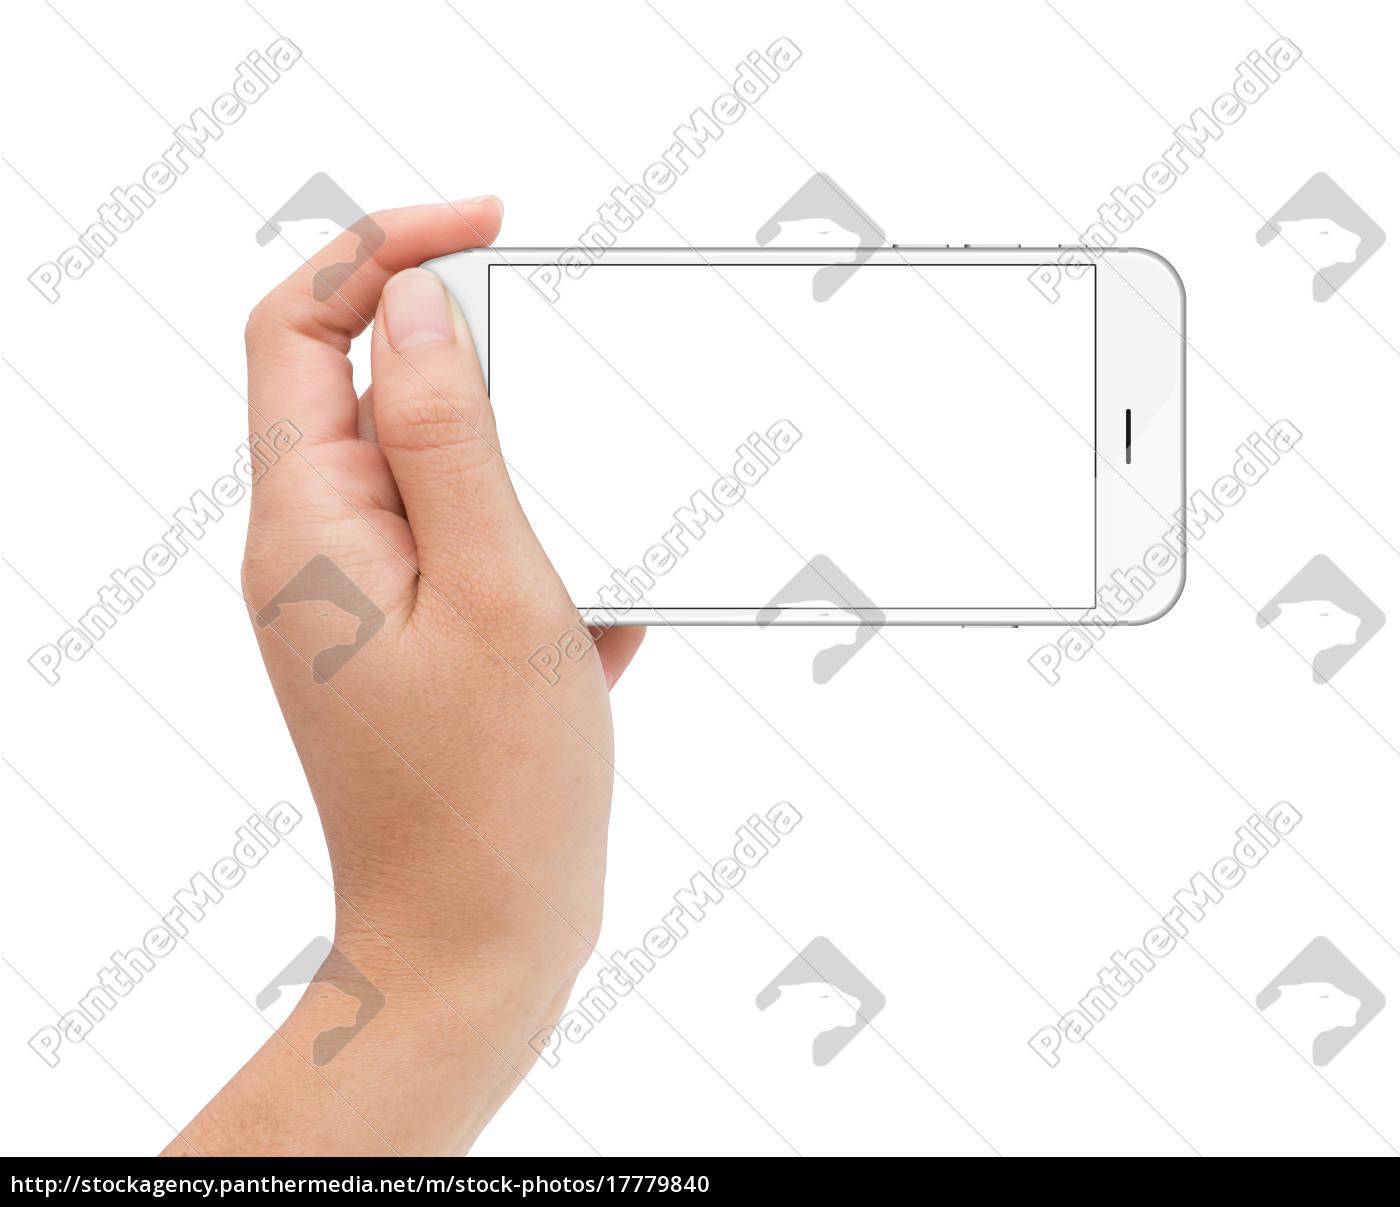 mano, femminile, tenendo, il, telefono, schermo - 17779840